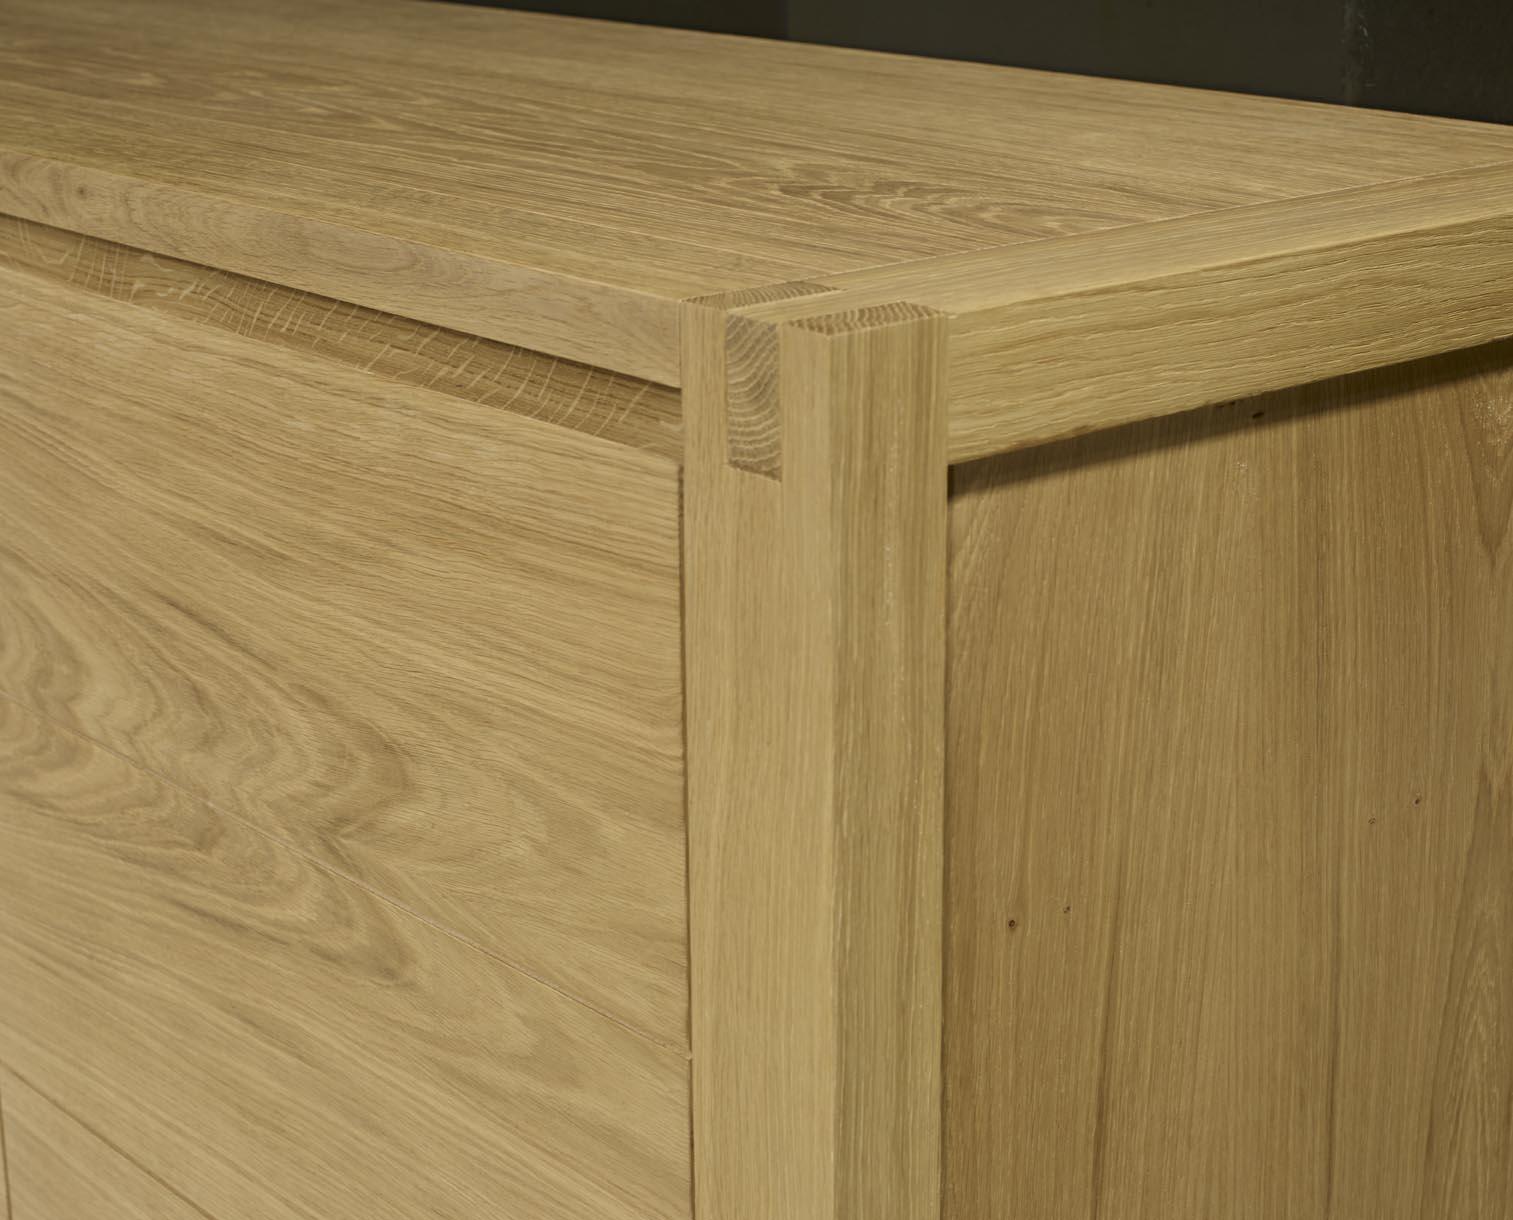 Aparador buffet 3 puertas mat as en madera de roble macizo for Puerta de roble macizo castorama